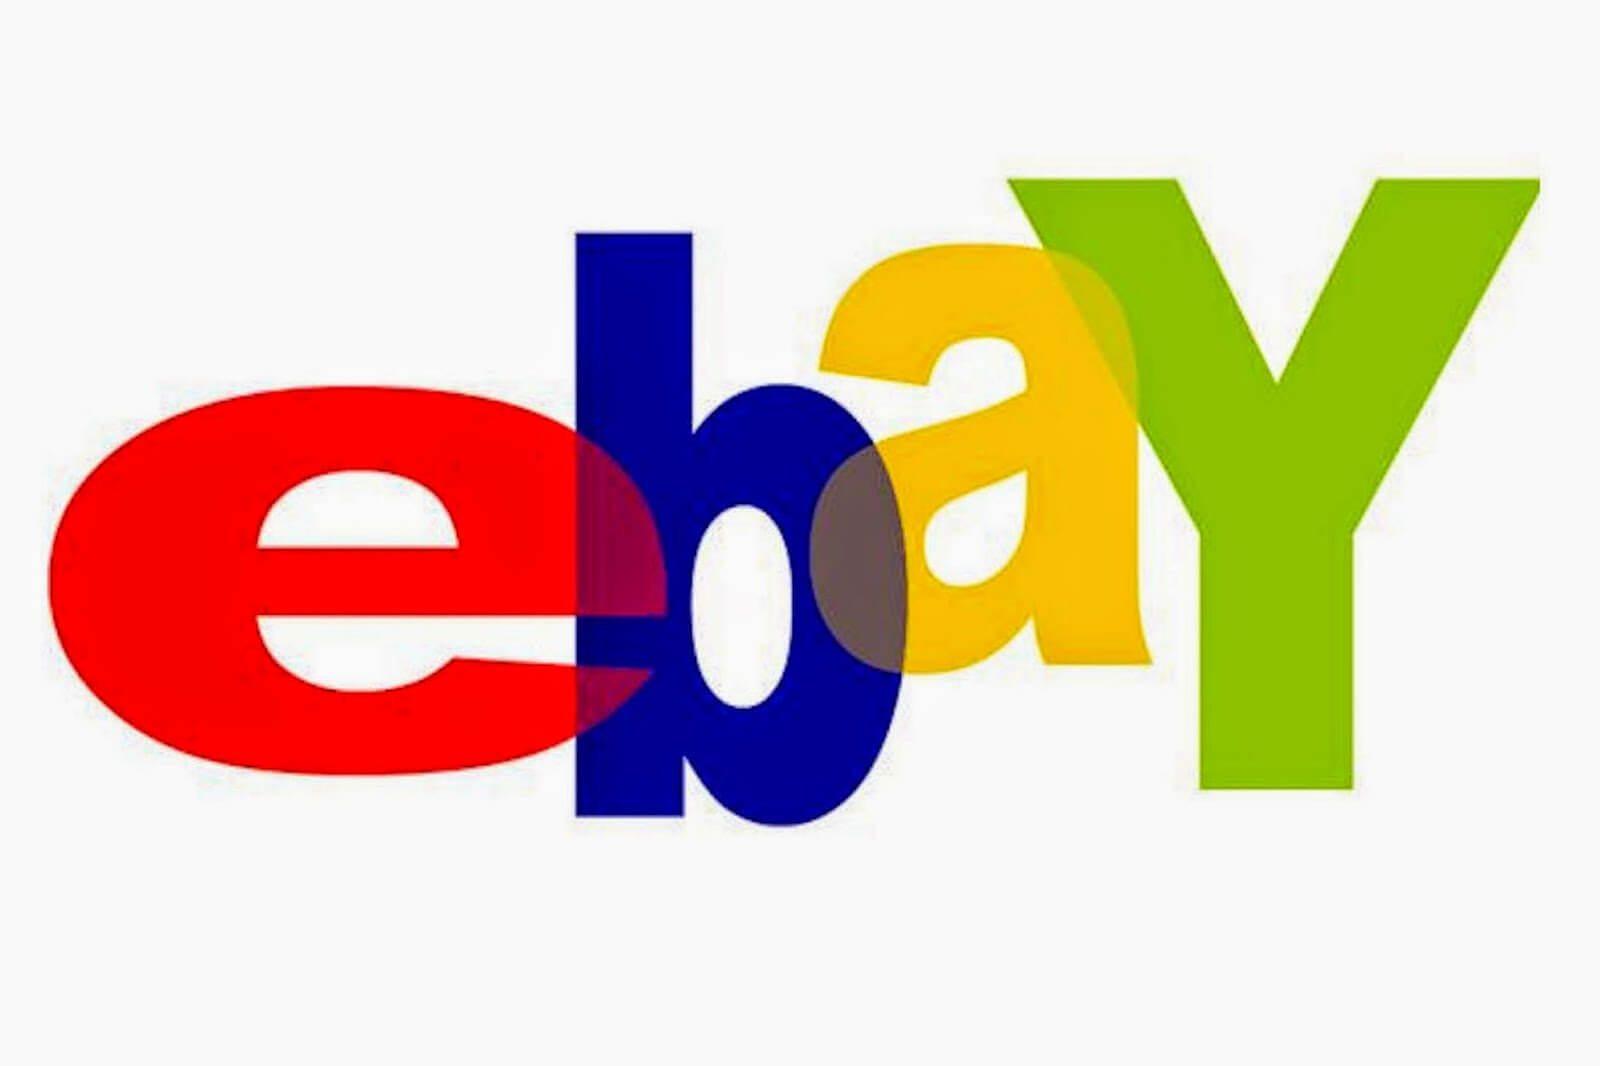 نصائح هامة للبيع والشراء على موقع إيباي Ebay